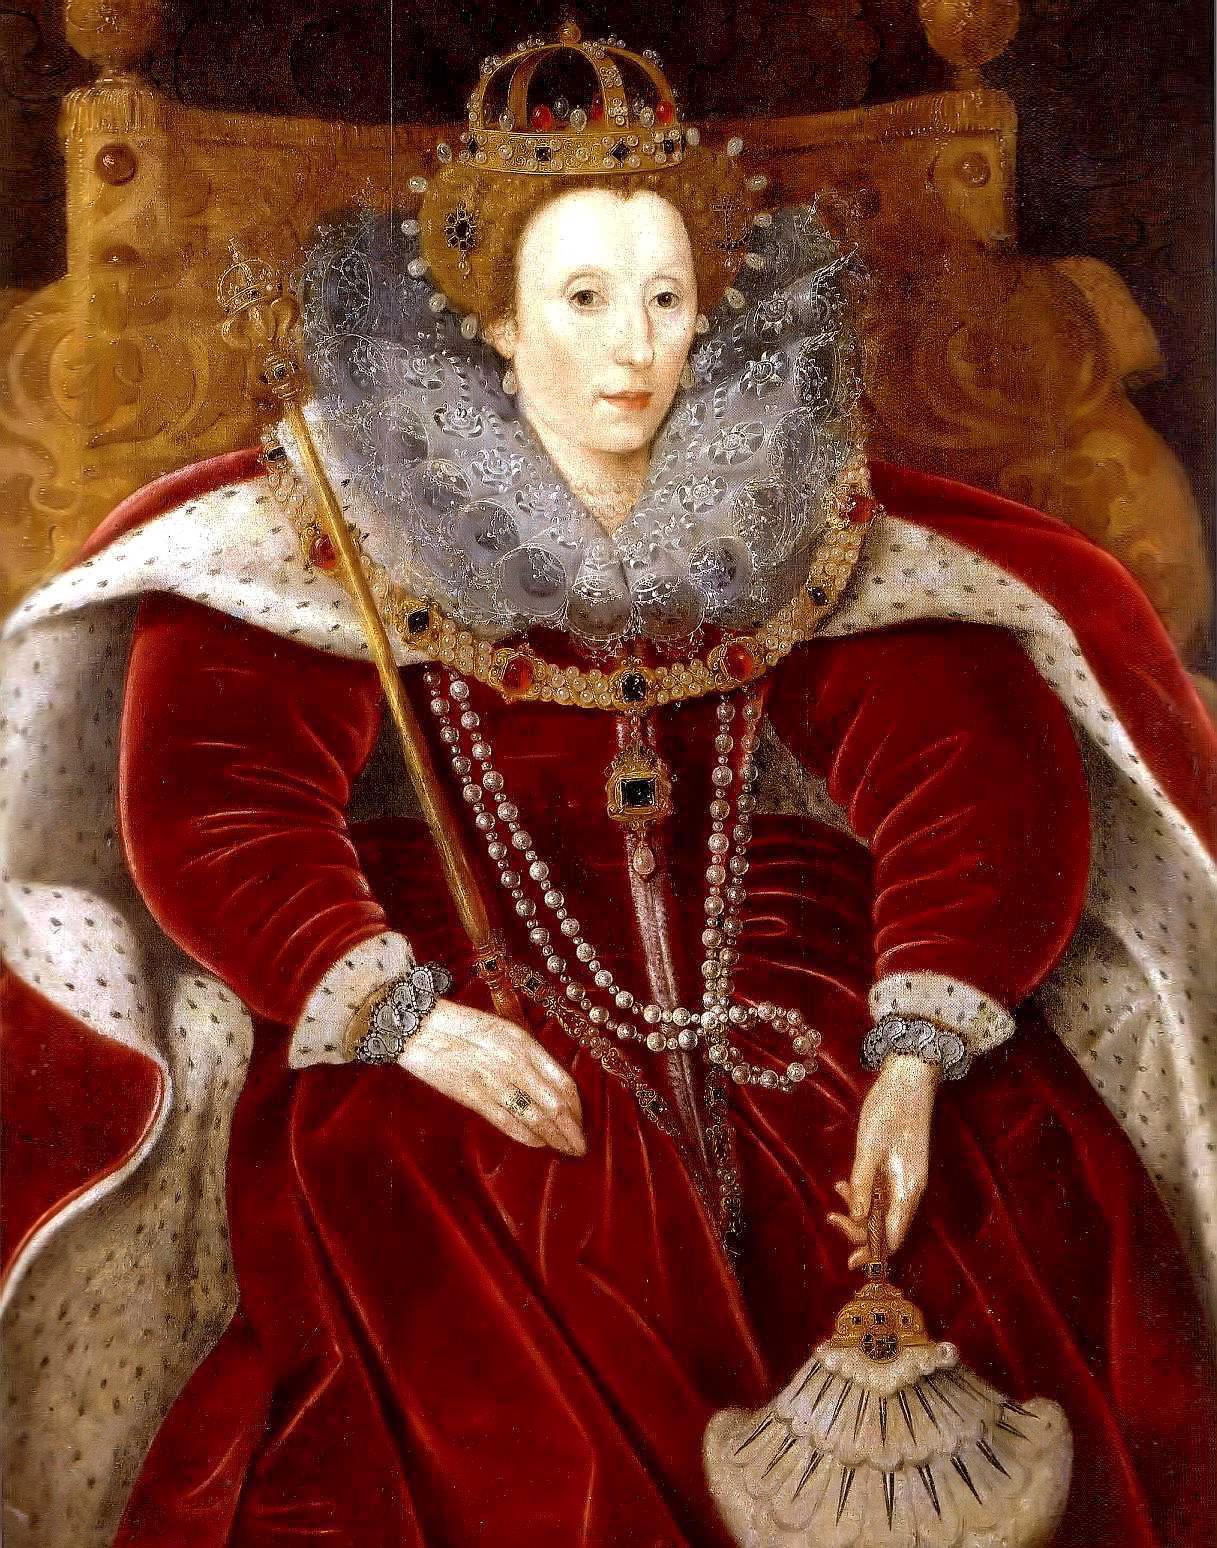 Young Queen Elizabeth 1 Dress ca. 1585-1590 Elizabet...